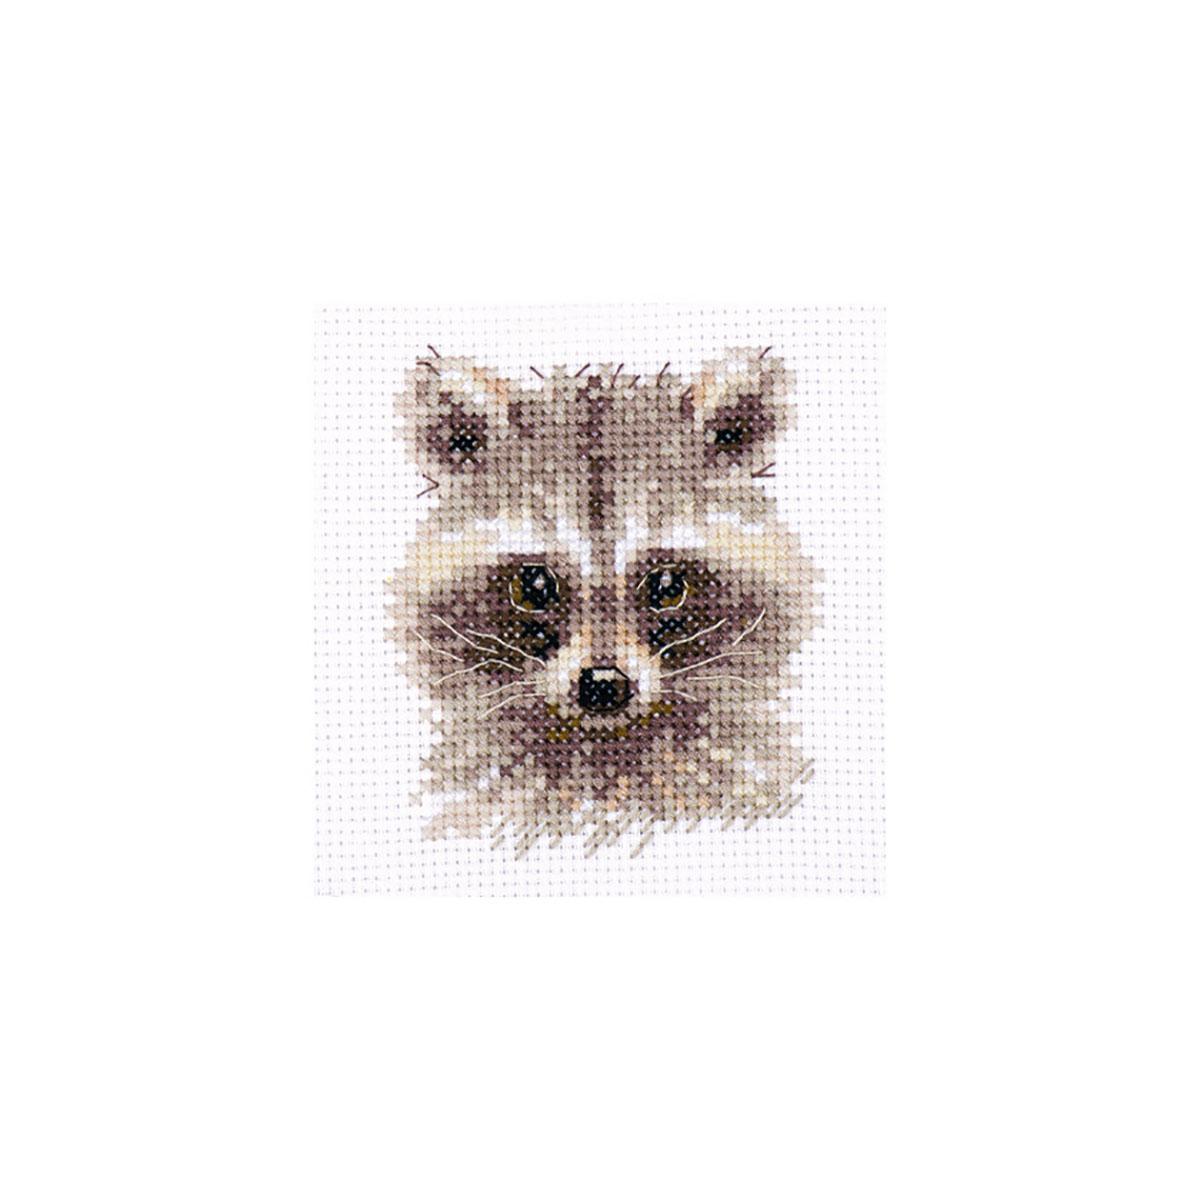 0-208 Набор для вышивания АЛИСА 'Животные в портретах. Енотик'7х8см